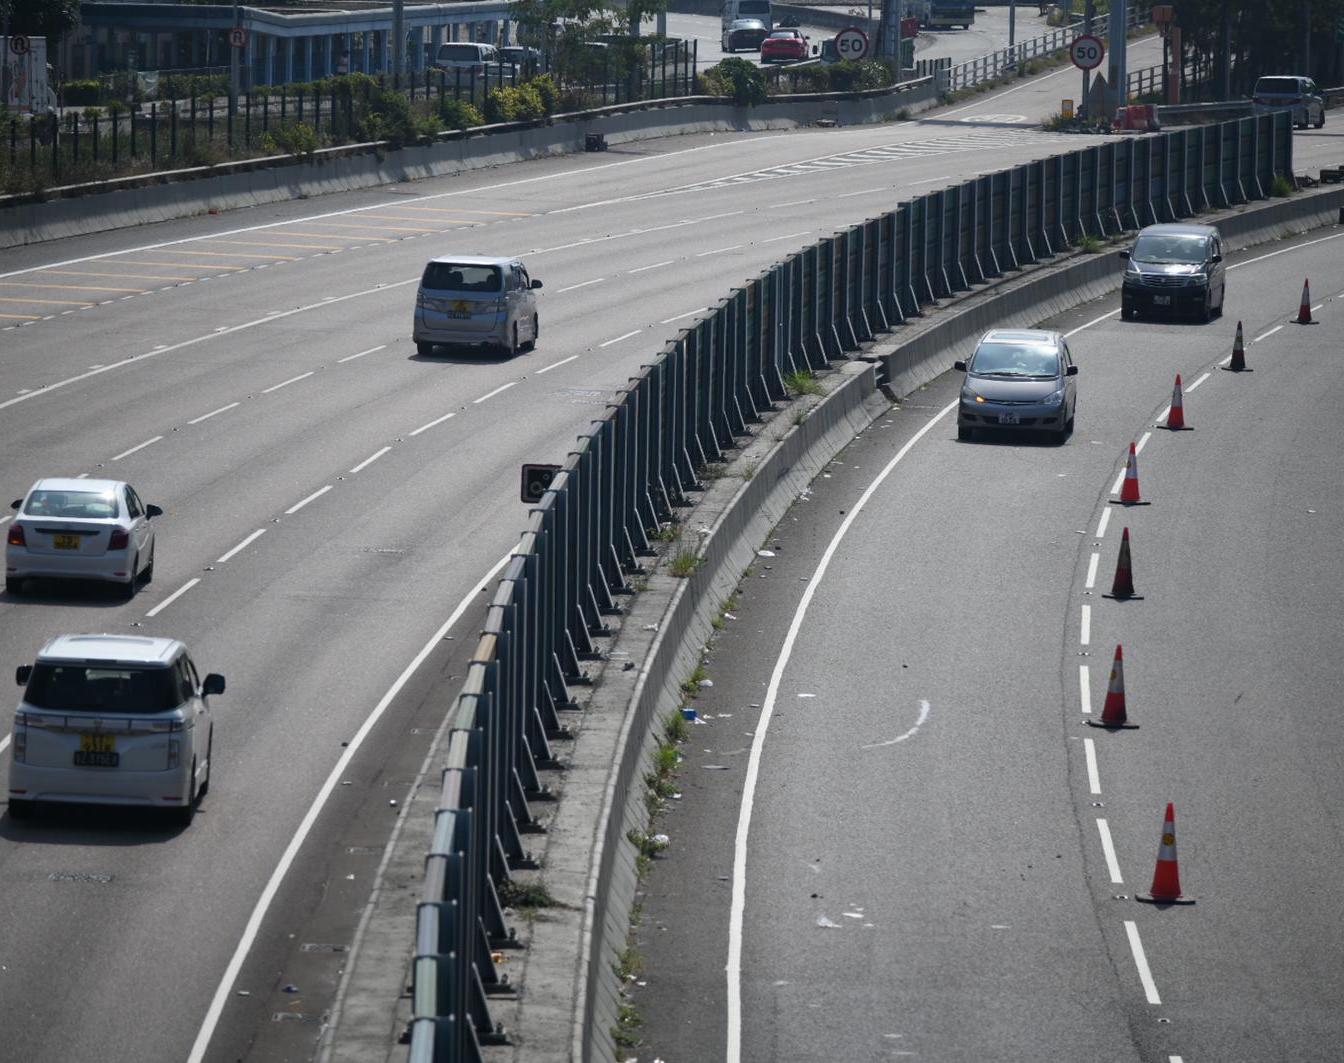 【大三罢】不认同开放部分吐露港公路行车缐是释善意 警:玩野的非警方而是暴徒